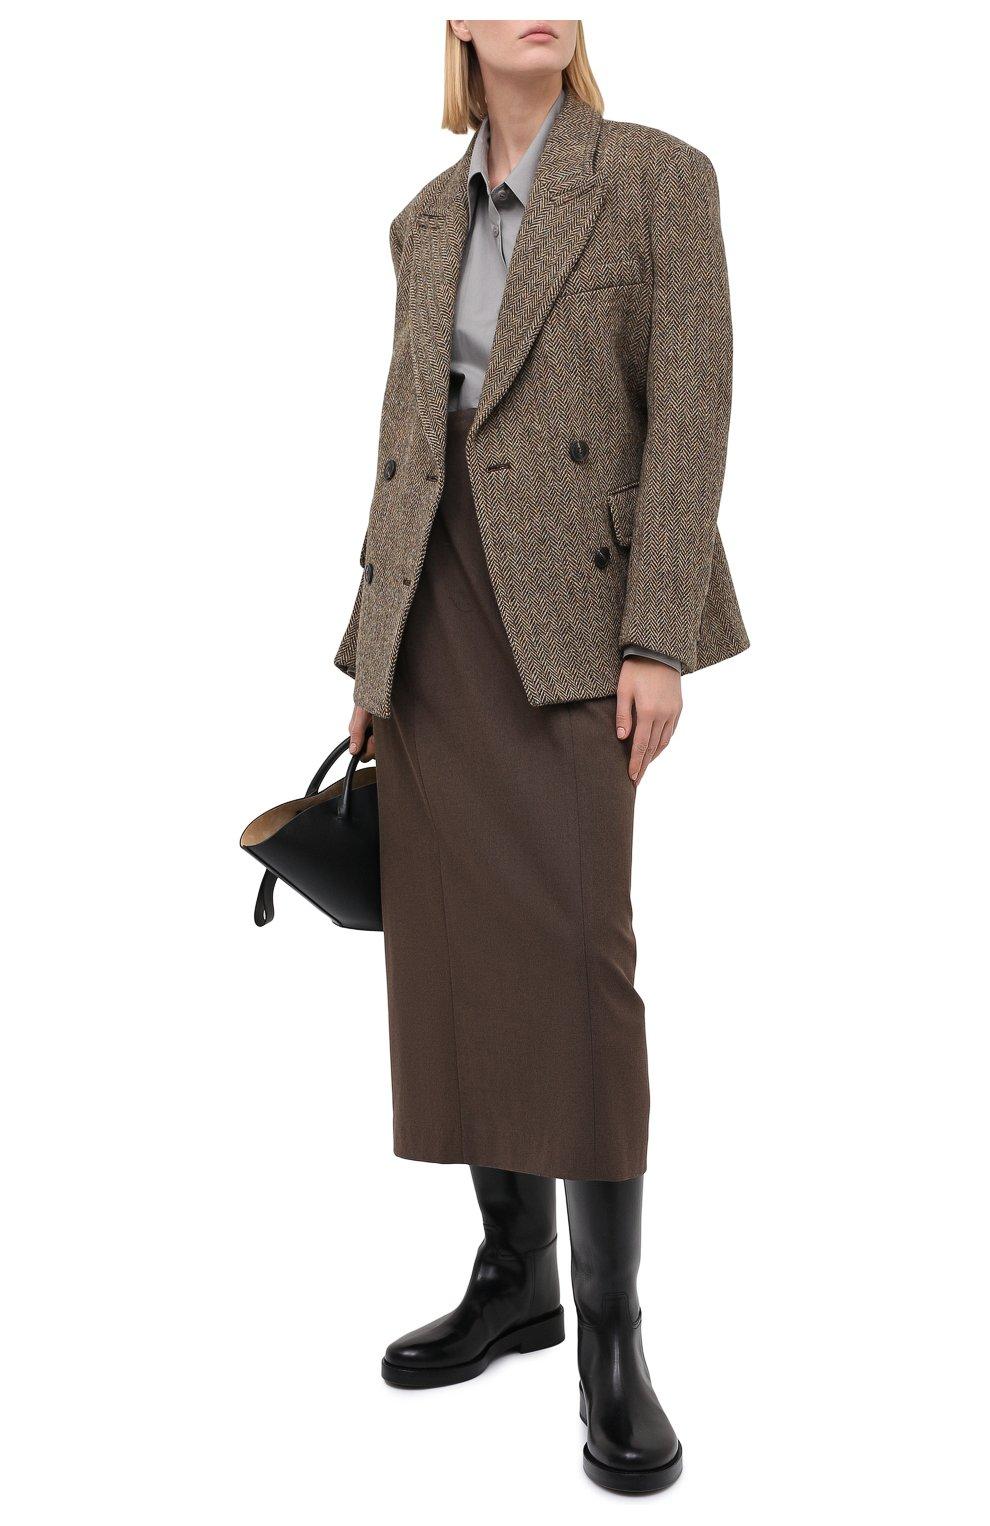 Женская юбка LOW CLASSIC коричневого цвета, арт. L0W20FW_SK04BR | Фото 2 (Материал внешний: Синтетический материал, Вискоза; Женское Кросс-КТ: Юбка-одежда; Стили: Классический; Длина Ж (юбки, платья, шорты): Миди; Материал подклада: Синтетический материал)